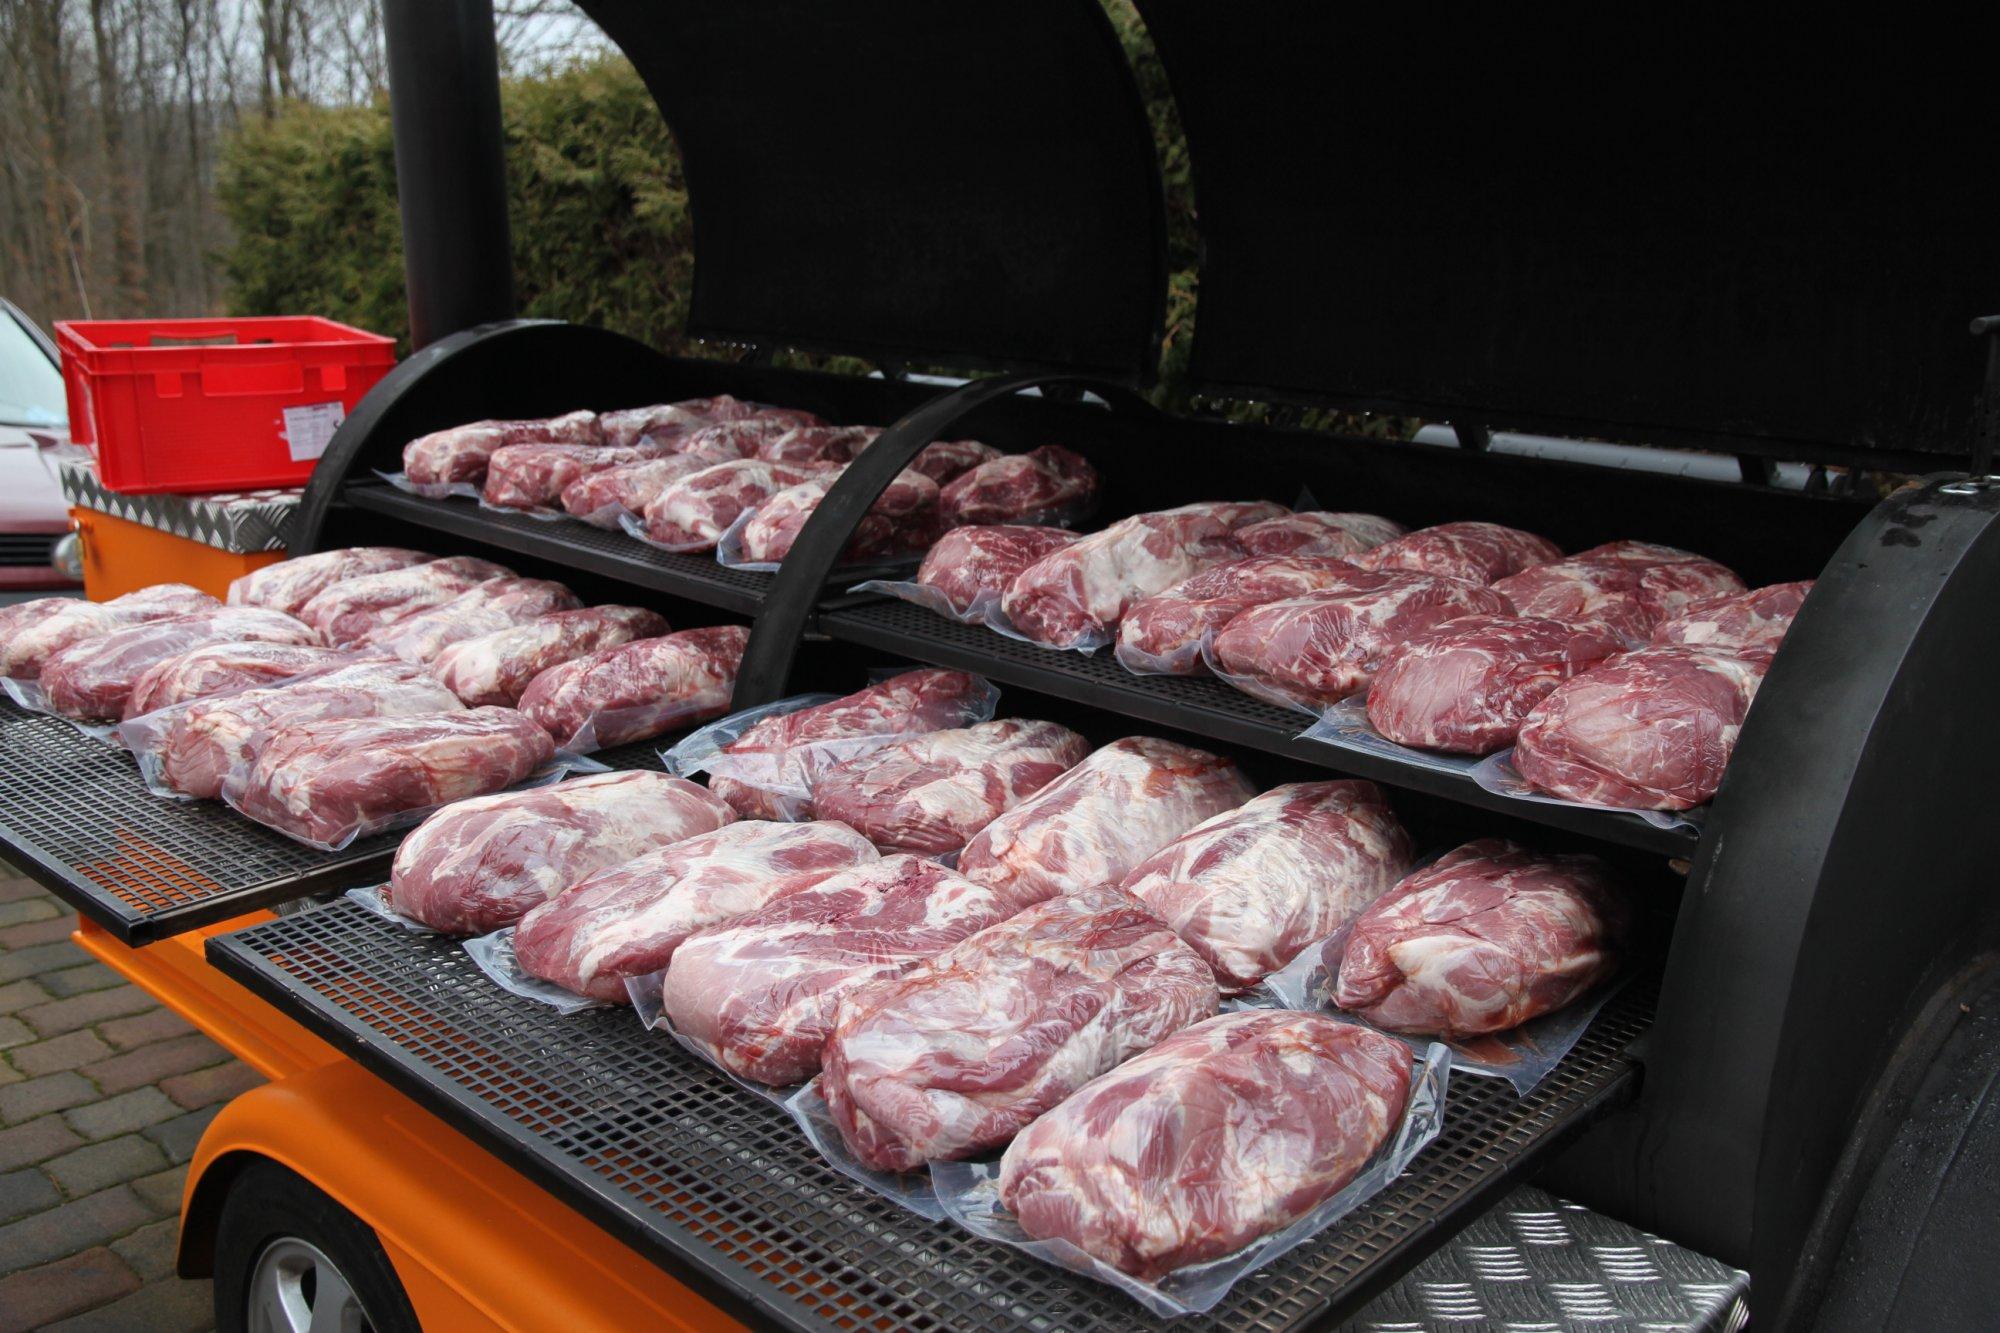 Pulled Pork Gasgrill Grillsportverein : 100kg pulled pork im trailer grillforum und bbq www